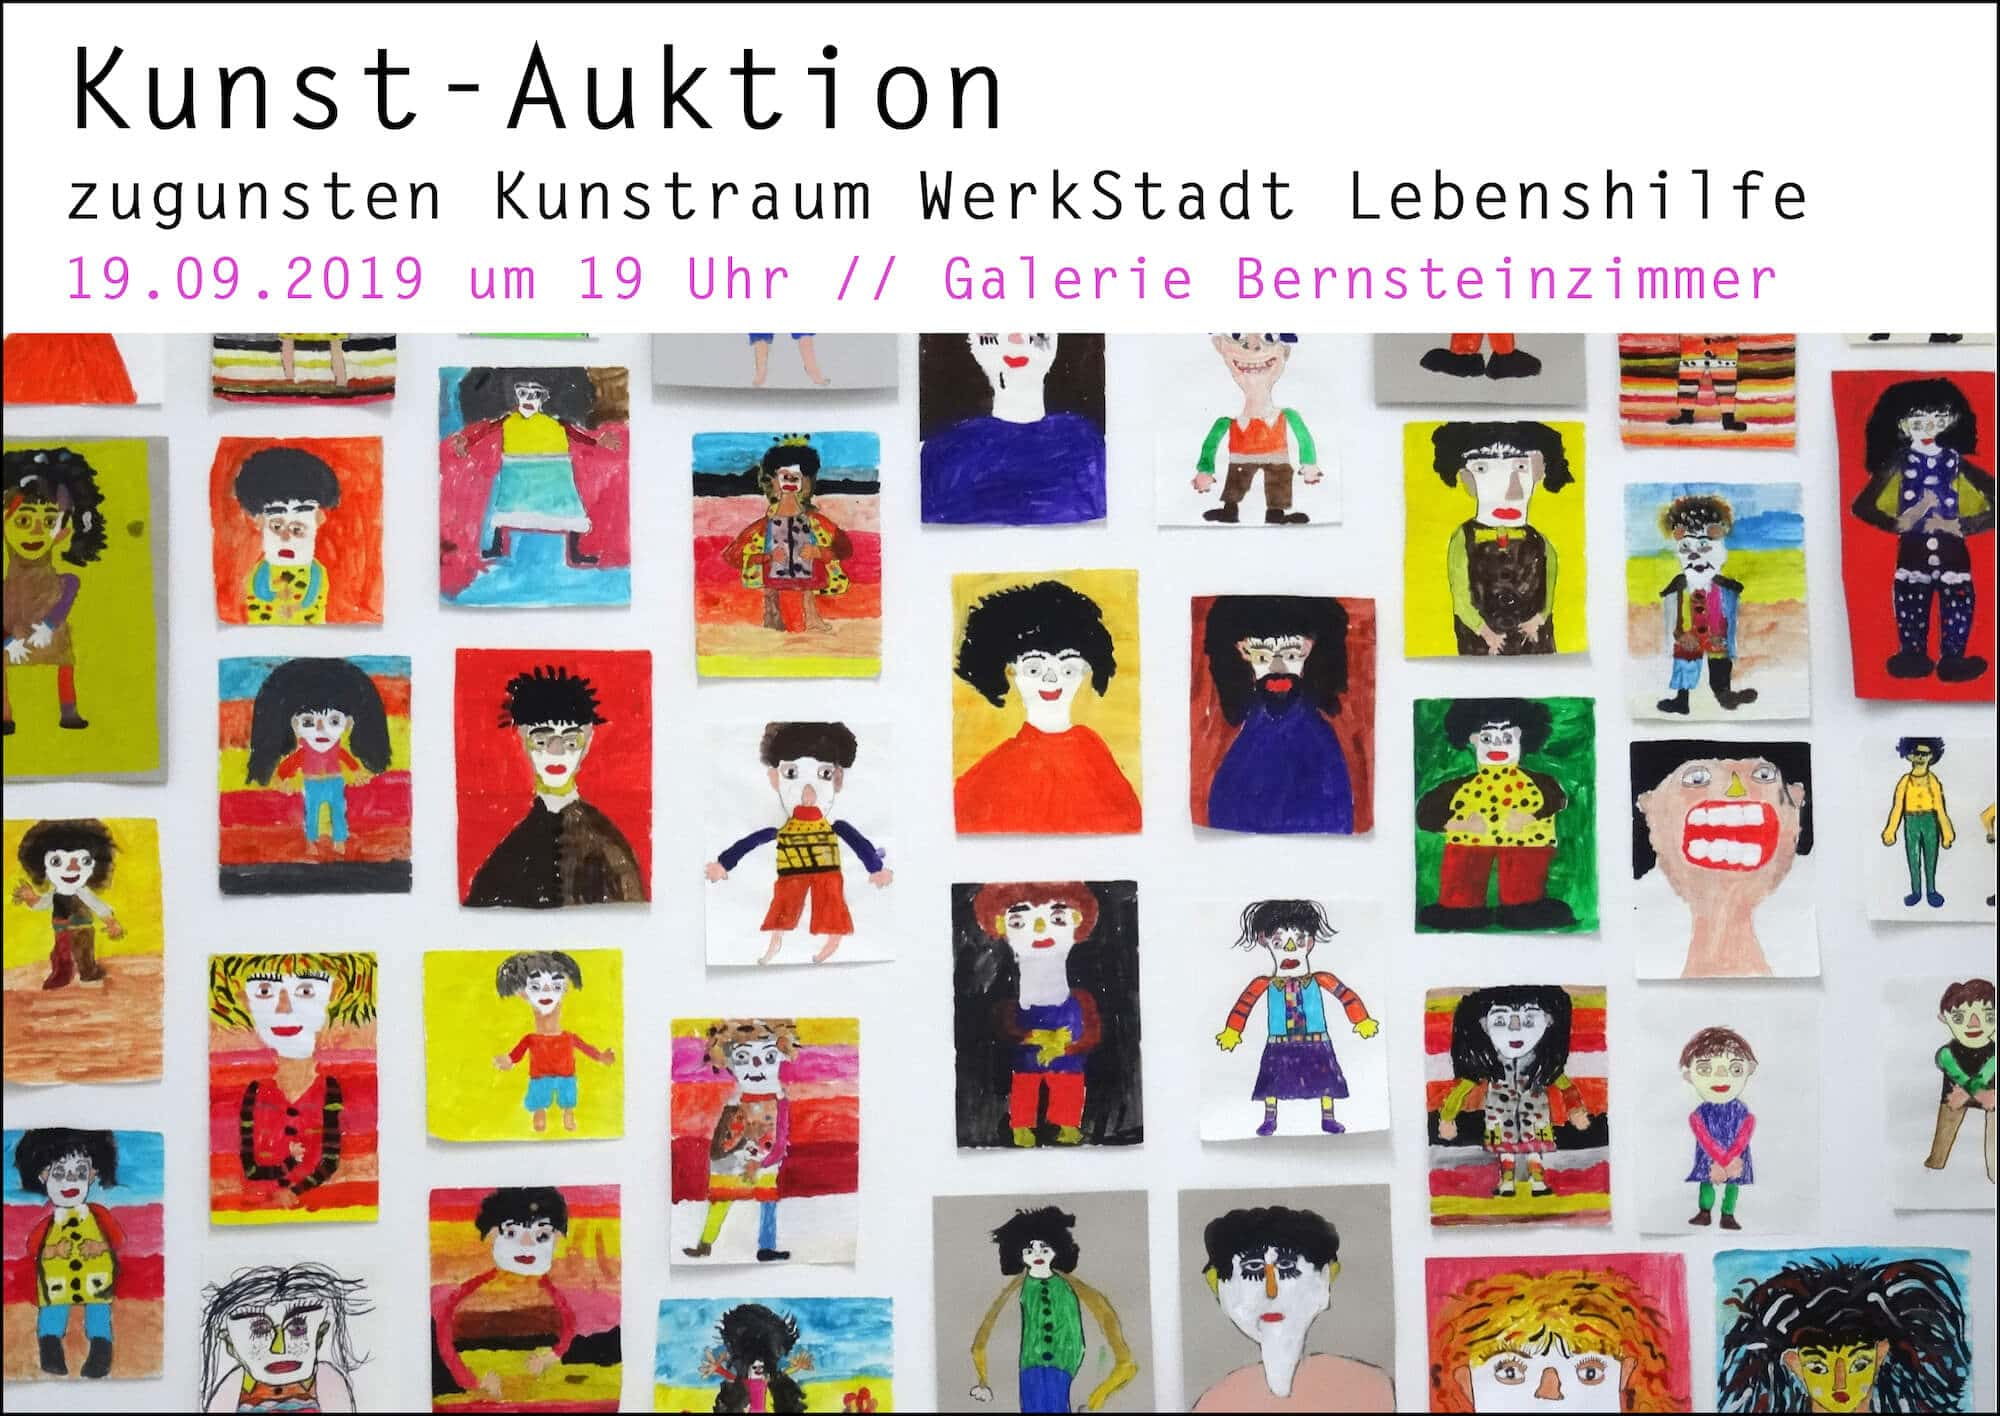 Auktion zugunsten des KUNSTRAUMS der WerkStadt Lebenshilfe im Bernsteinzimmer, 19. September 2019